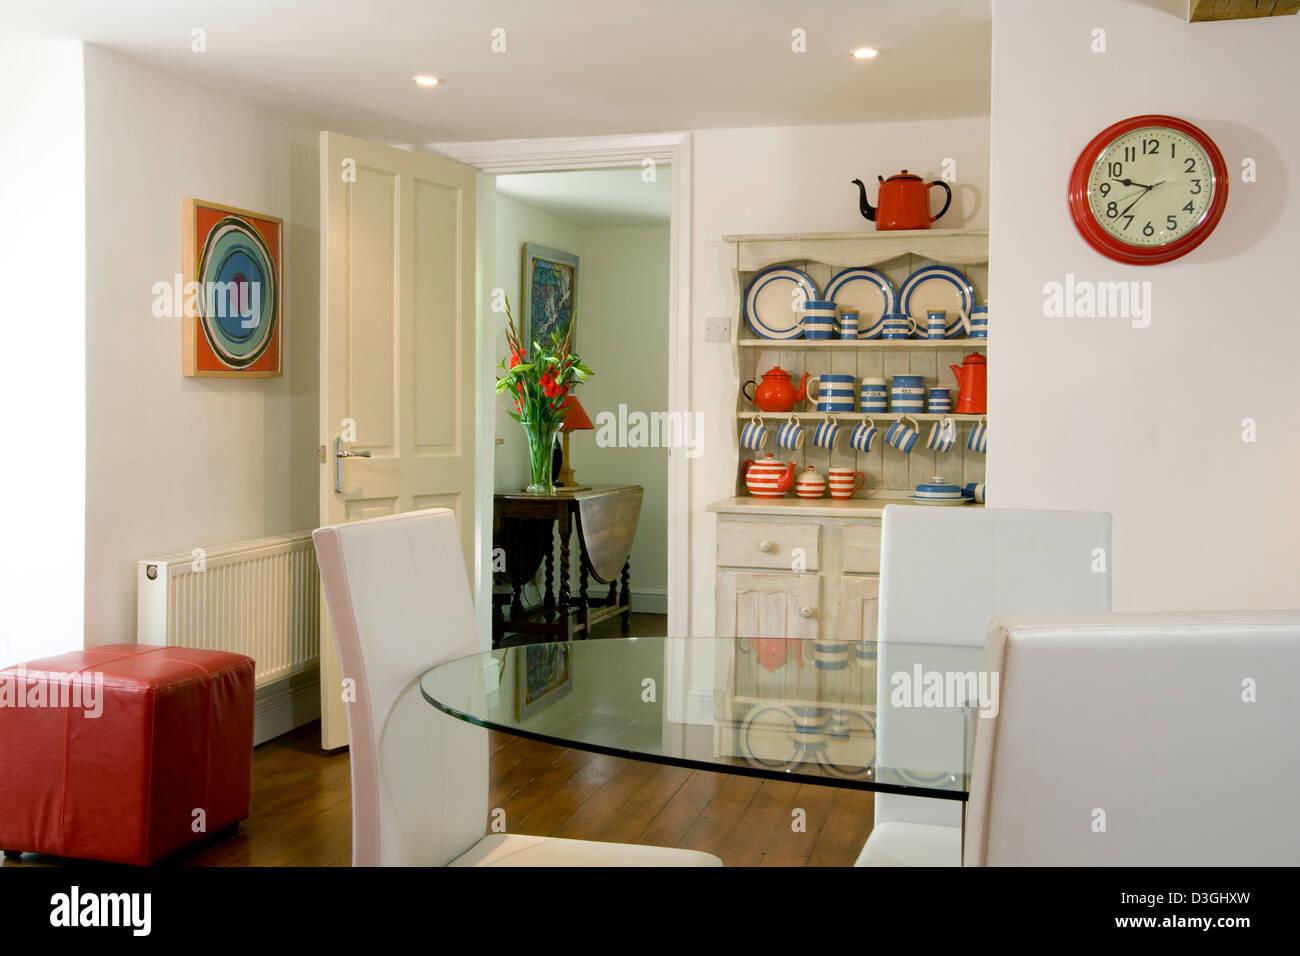 Bianca e luminosa sala da pranzo con particolari rossi colori. Immagini Stock